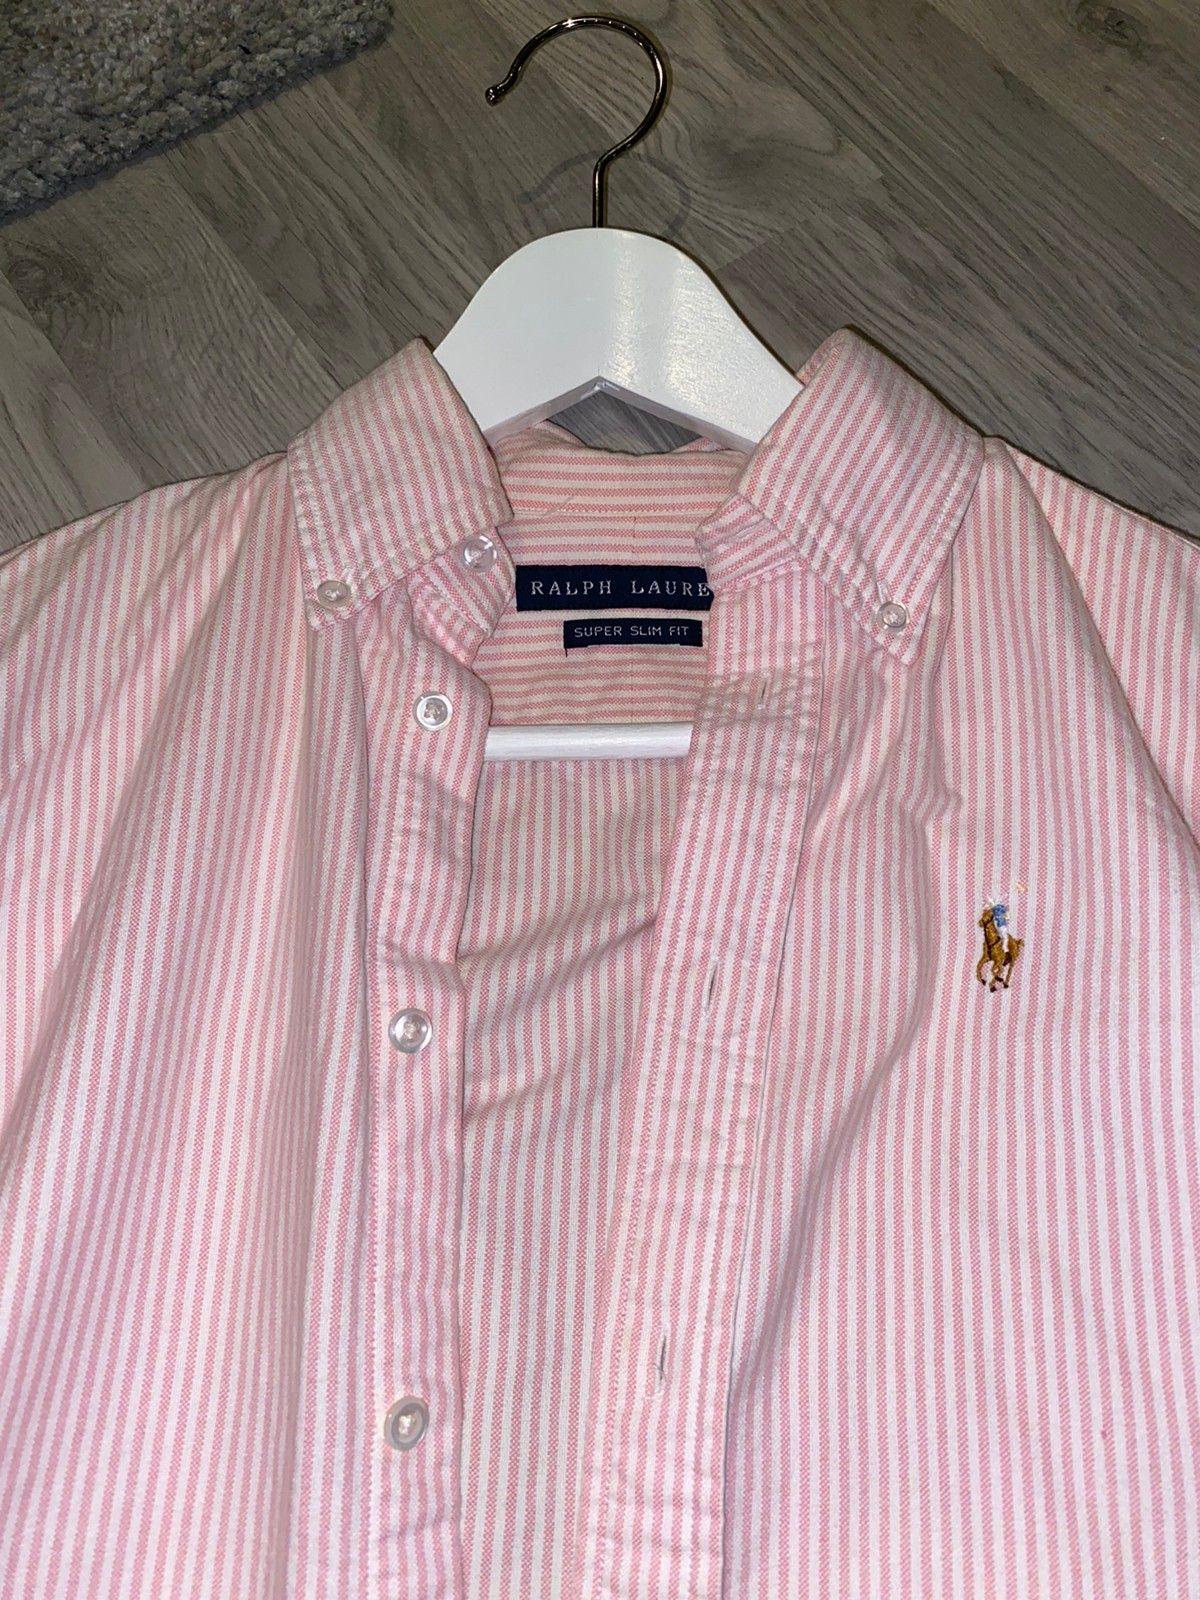 Polo Ralph Lauren skjorter Dame   FINN.no